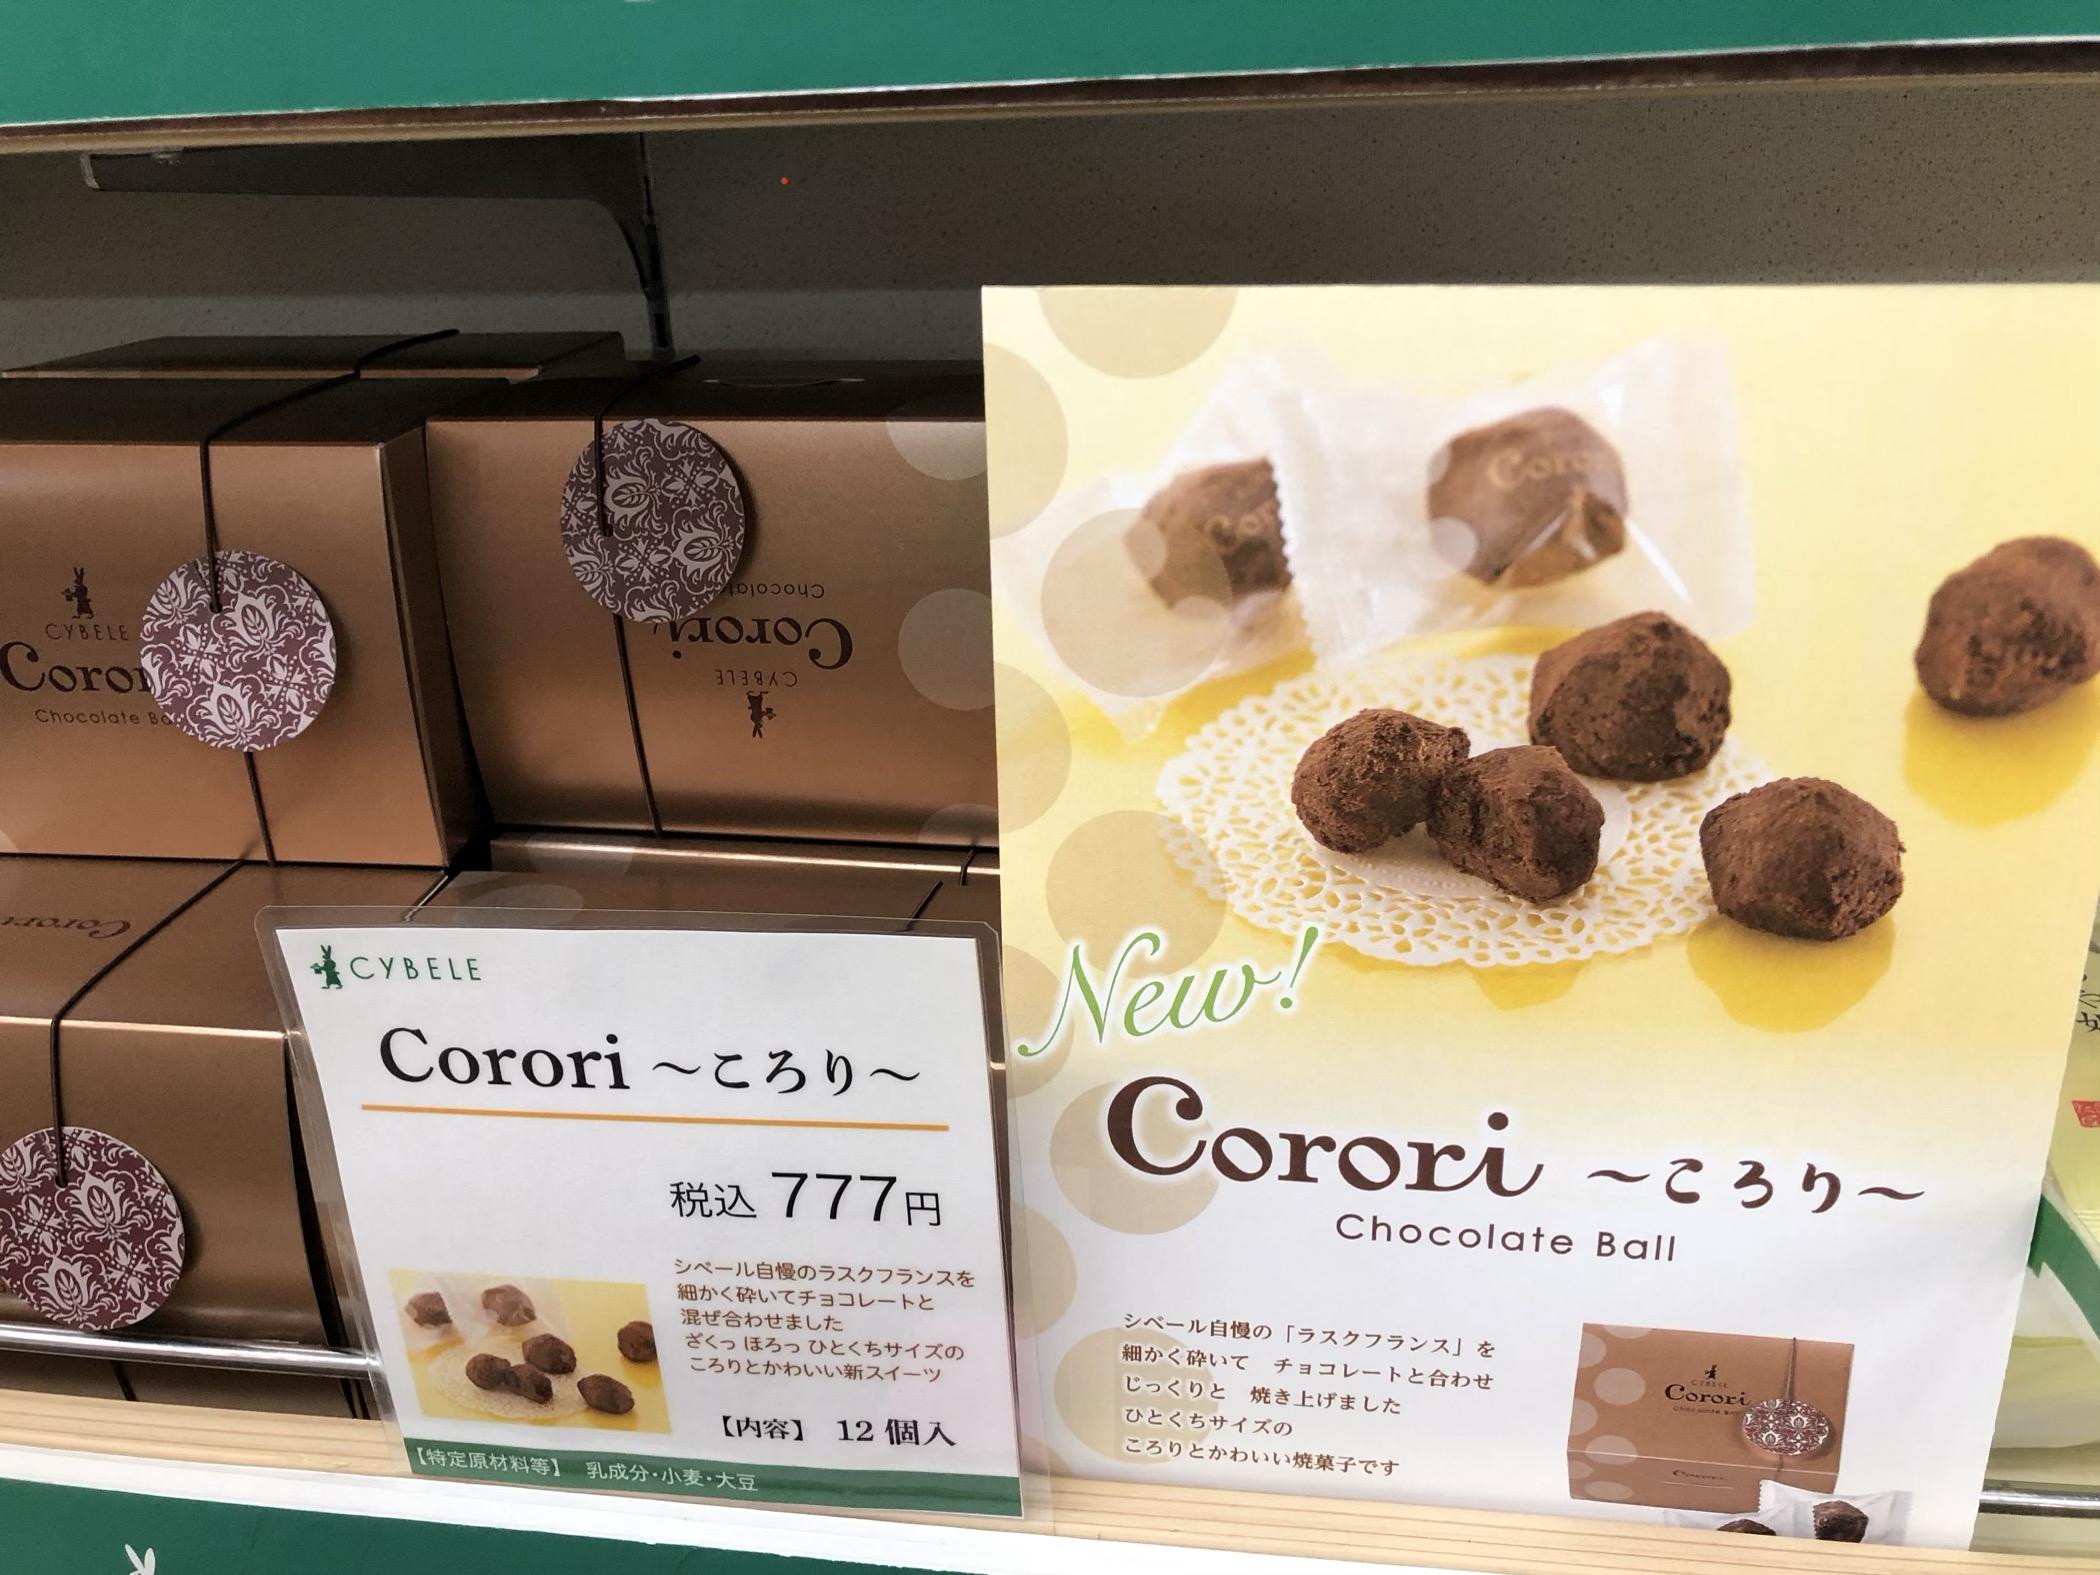 シベール!新商品!Corori〜ころり〜!:画像